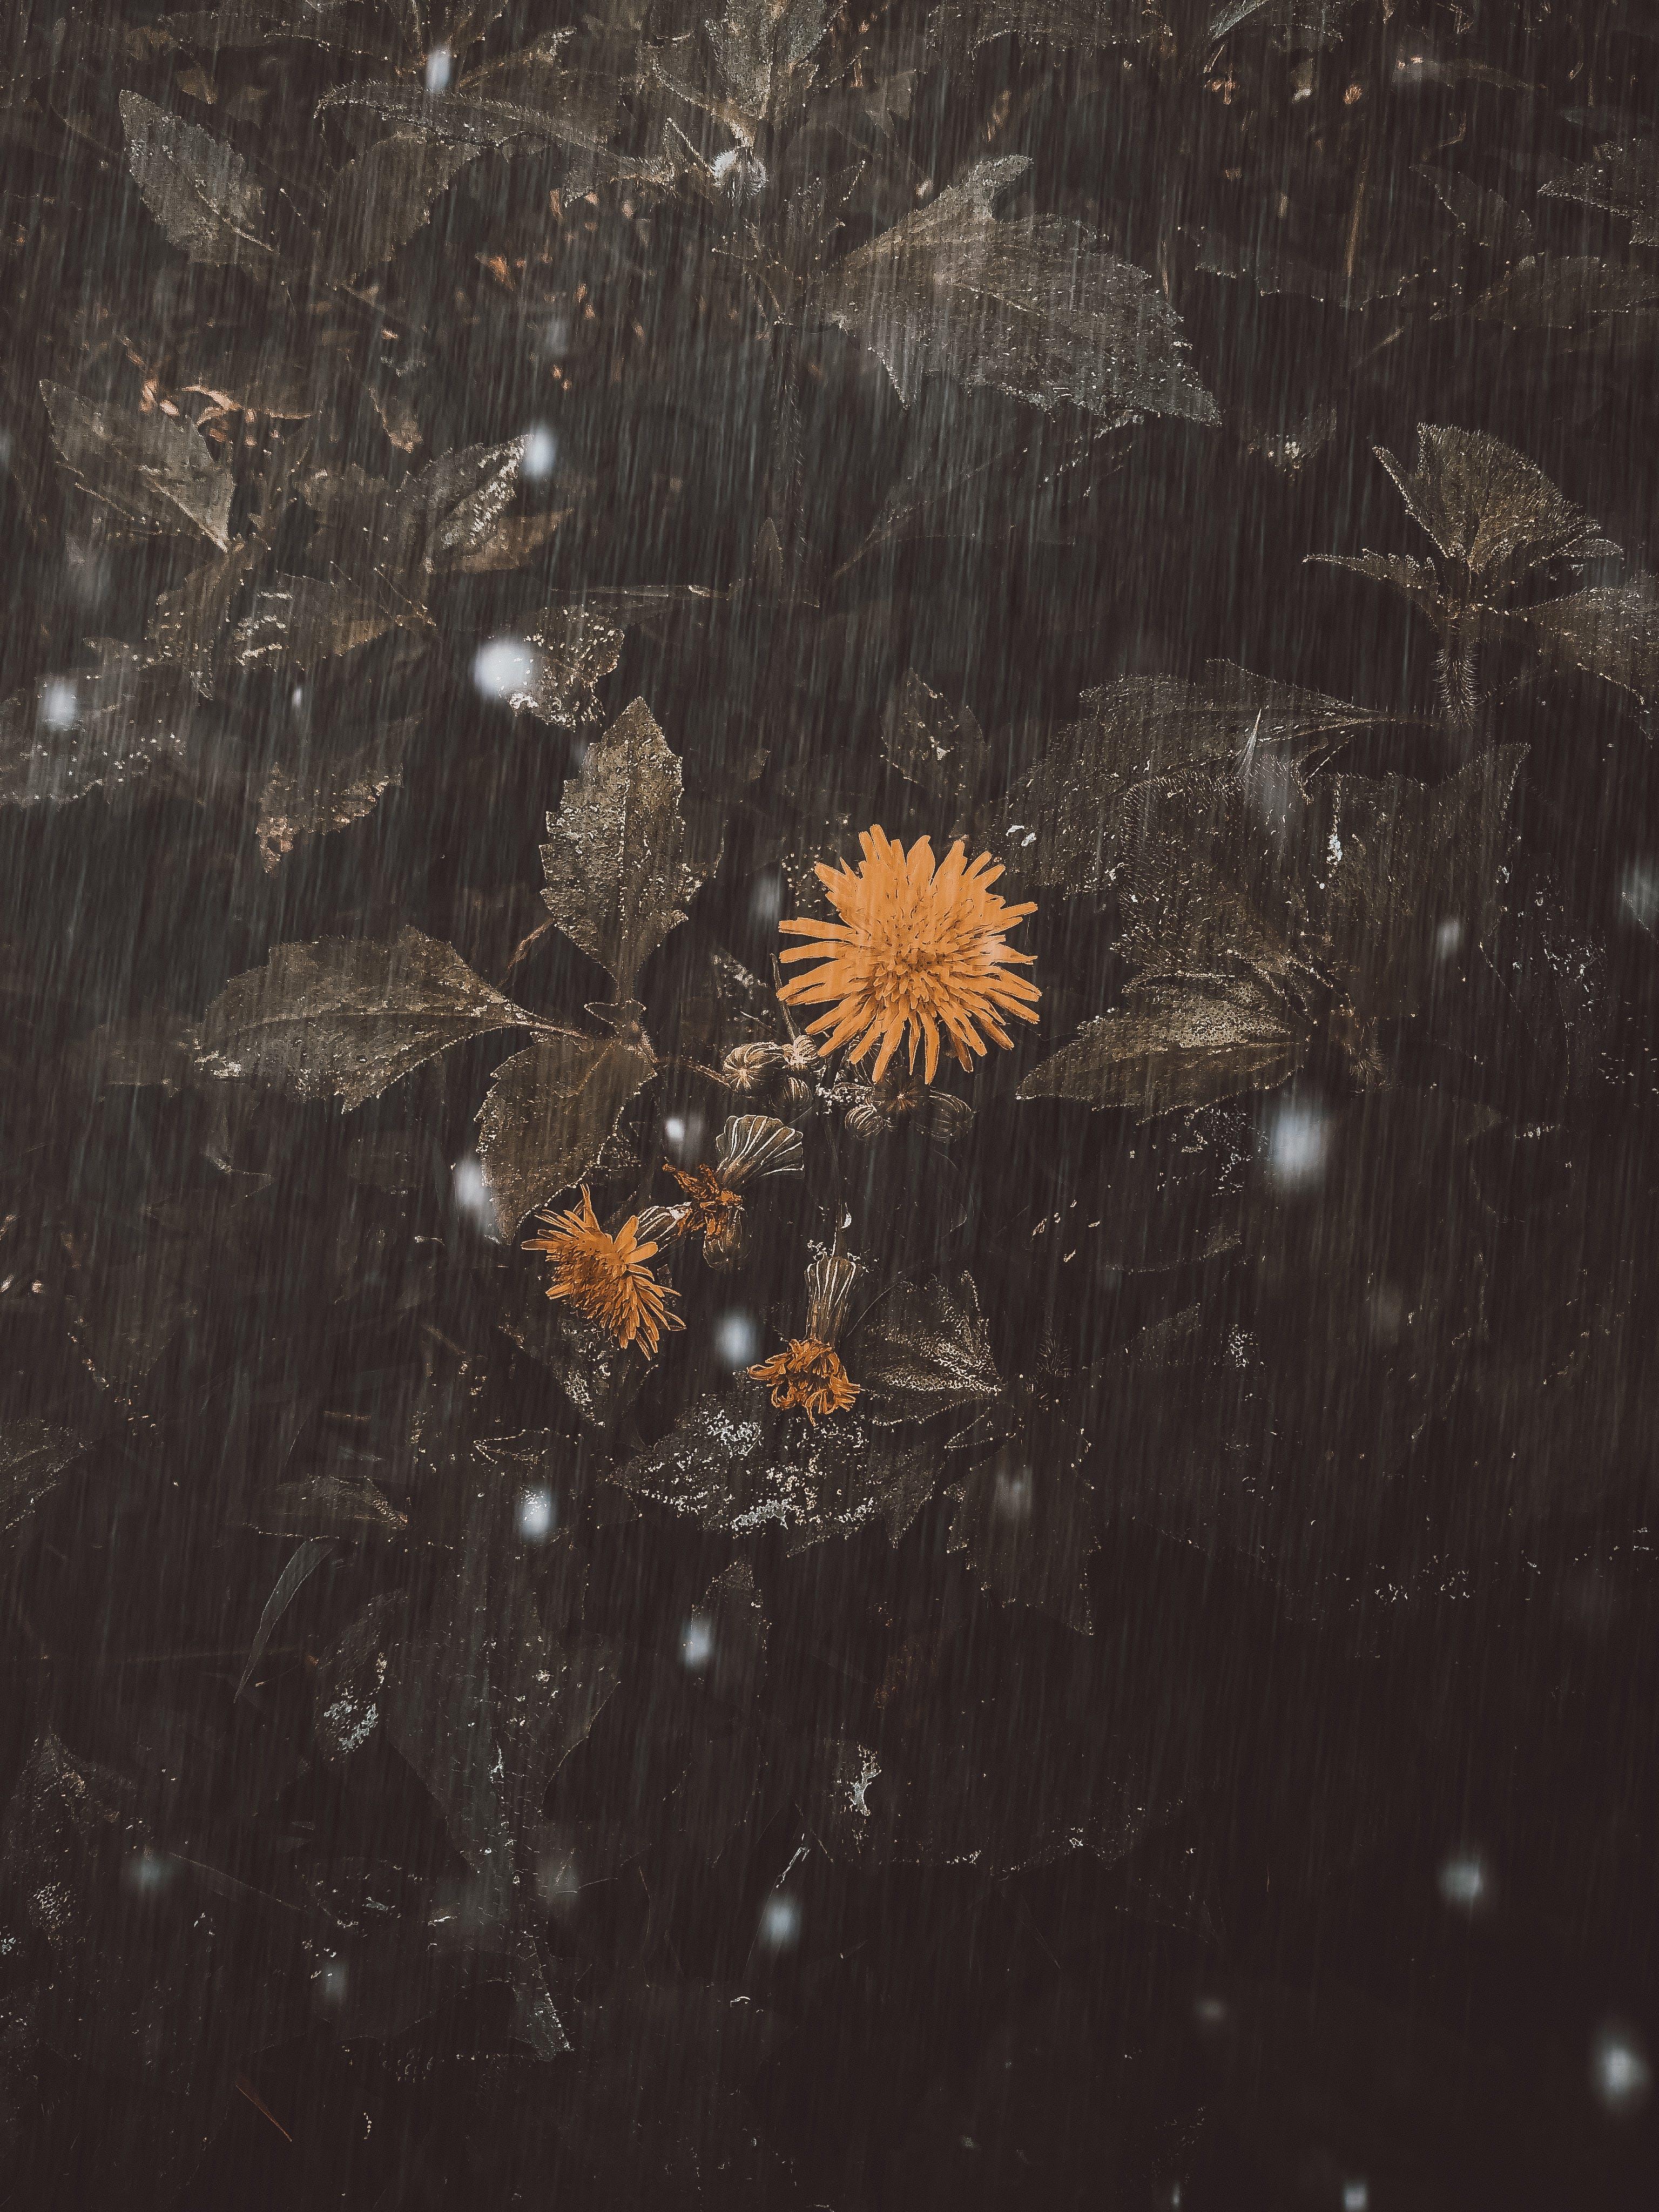 Gratis lagerfoto af flor, lodret